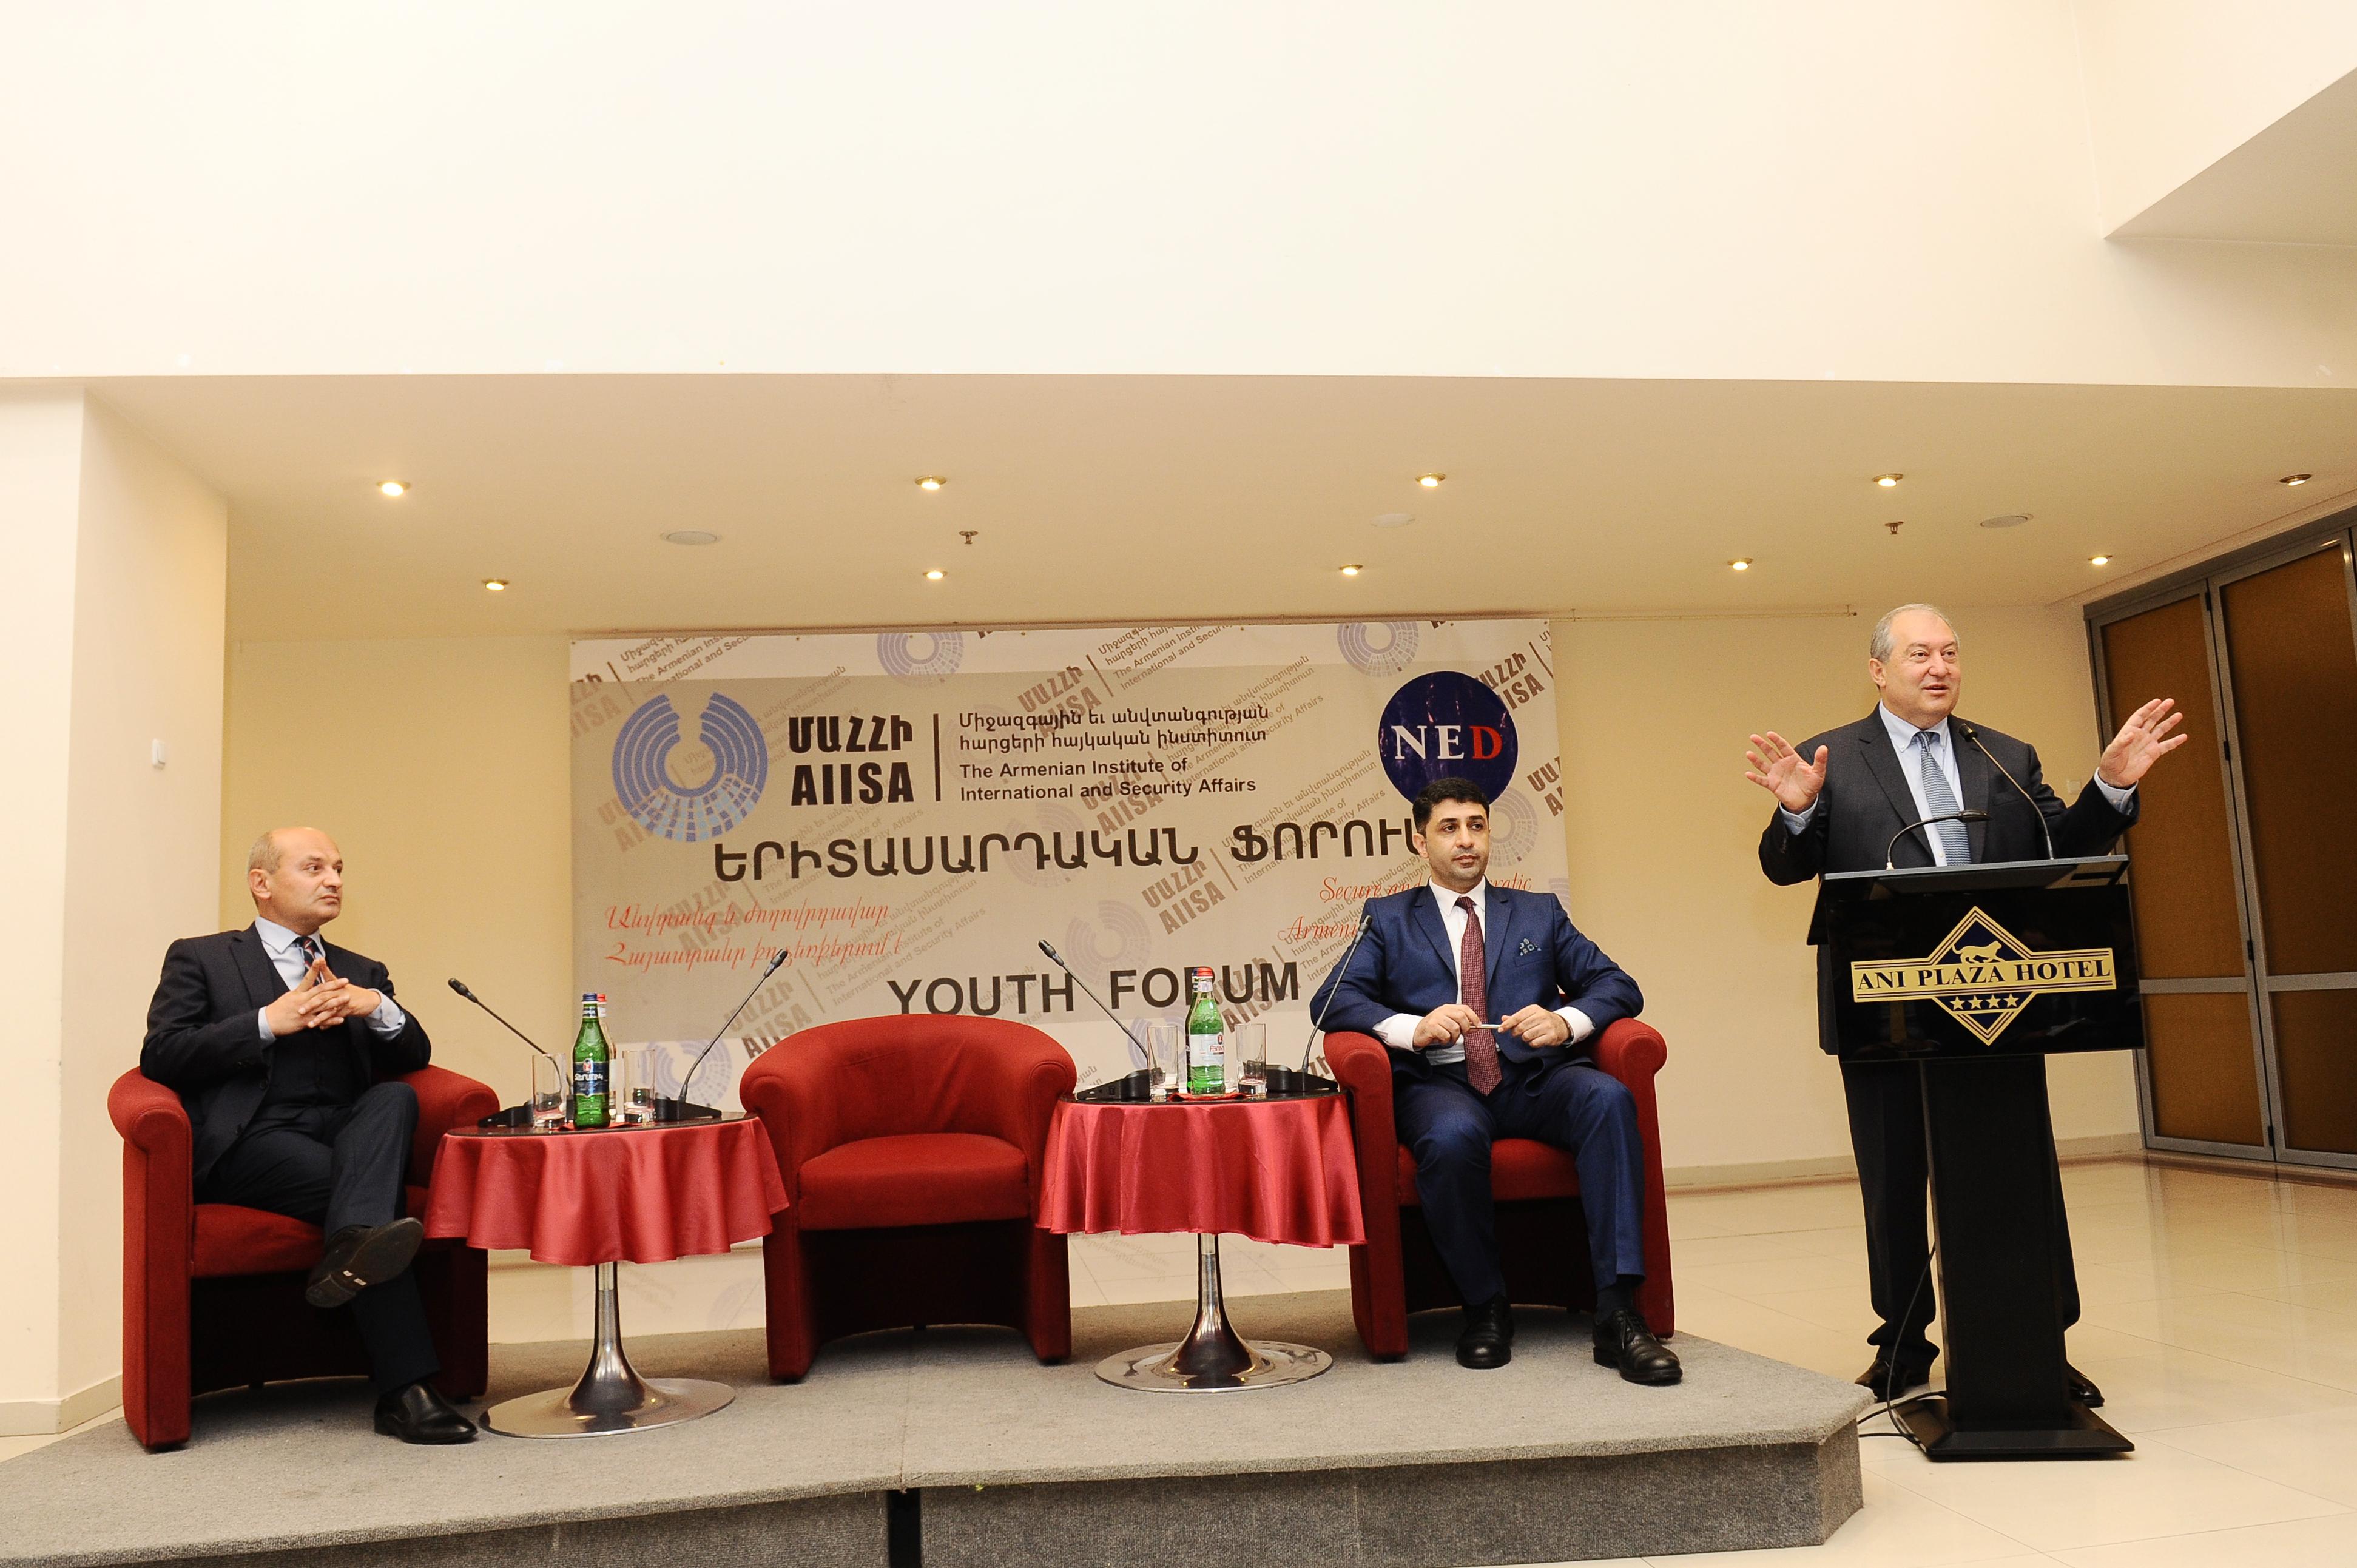 Նախագահը մասնակցել է Միջազգային եւ անվտանգության հարցերի հայկական ինստիտուտի Երիտասարդական ֆորումին